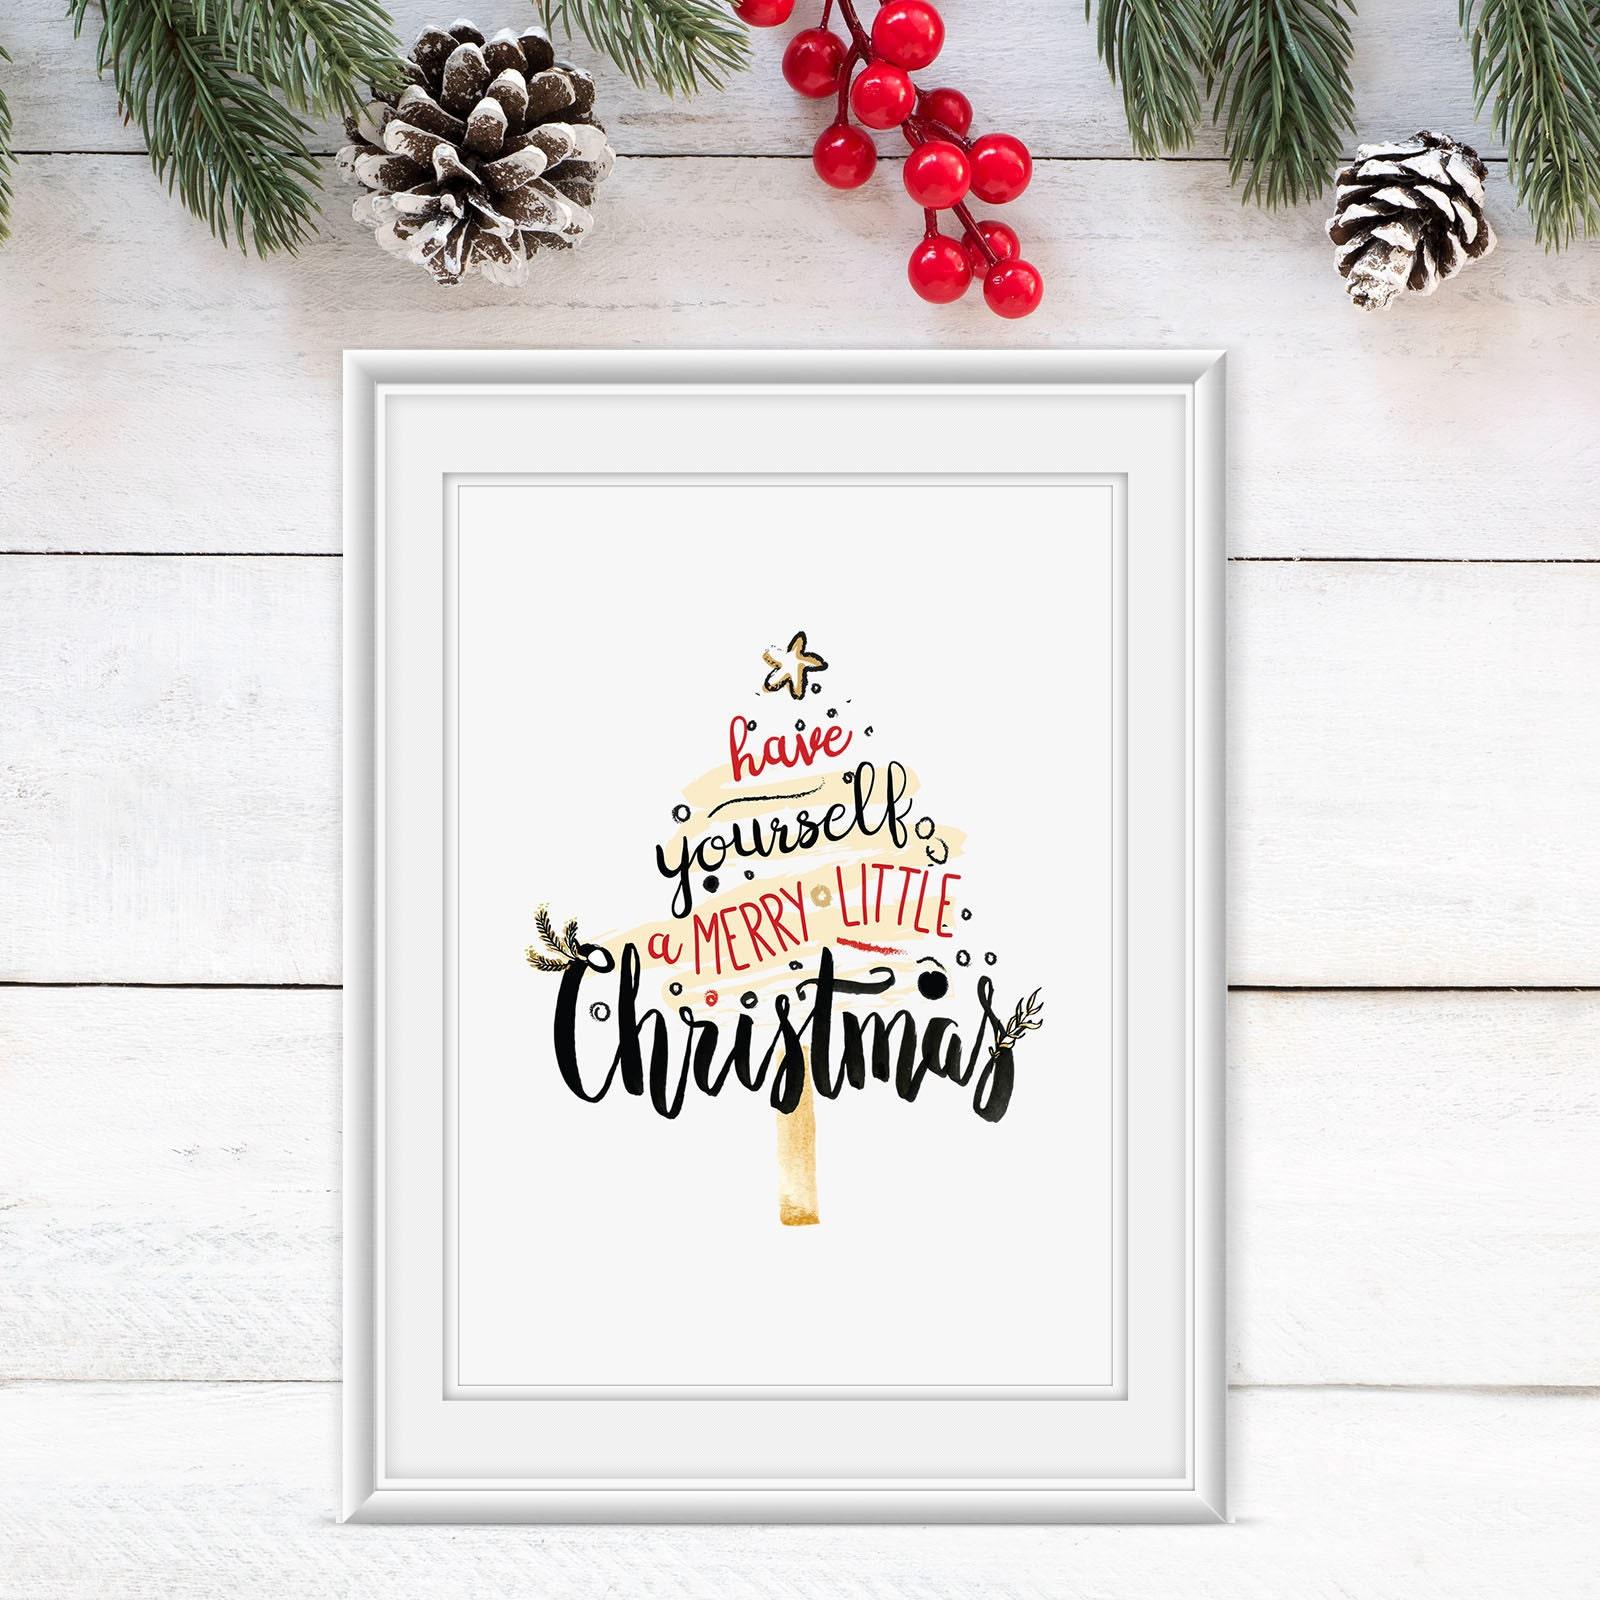 Christmas Wall Art Print Holiday Printable DIY Decor | Etsy